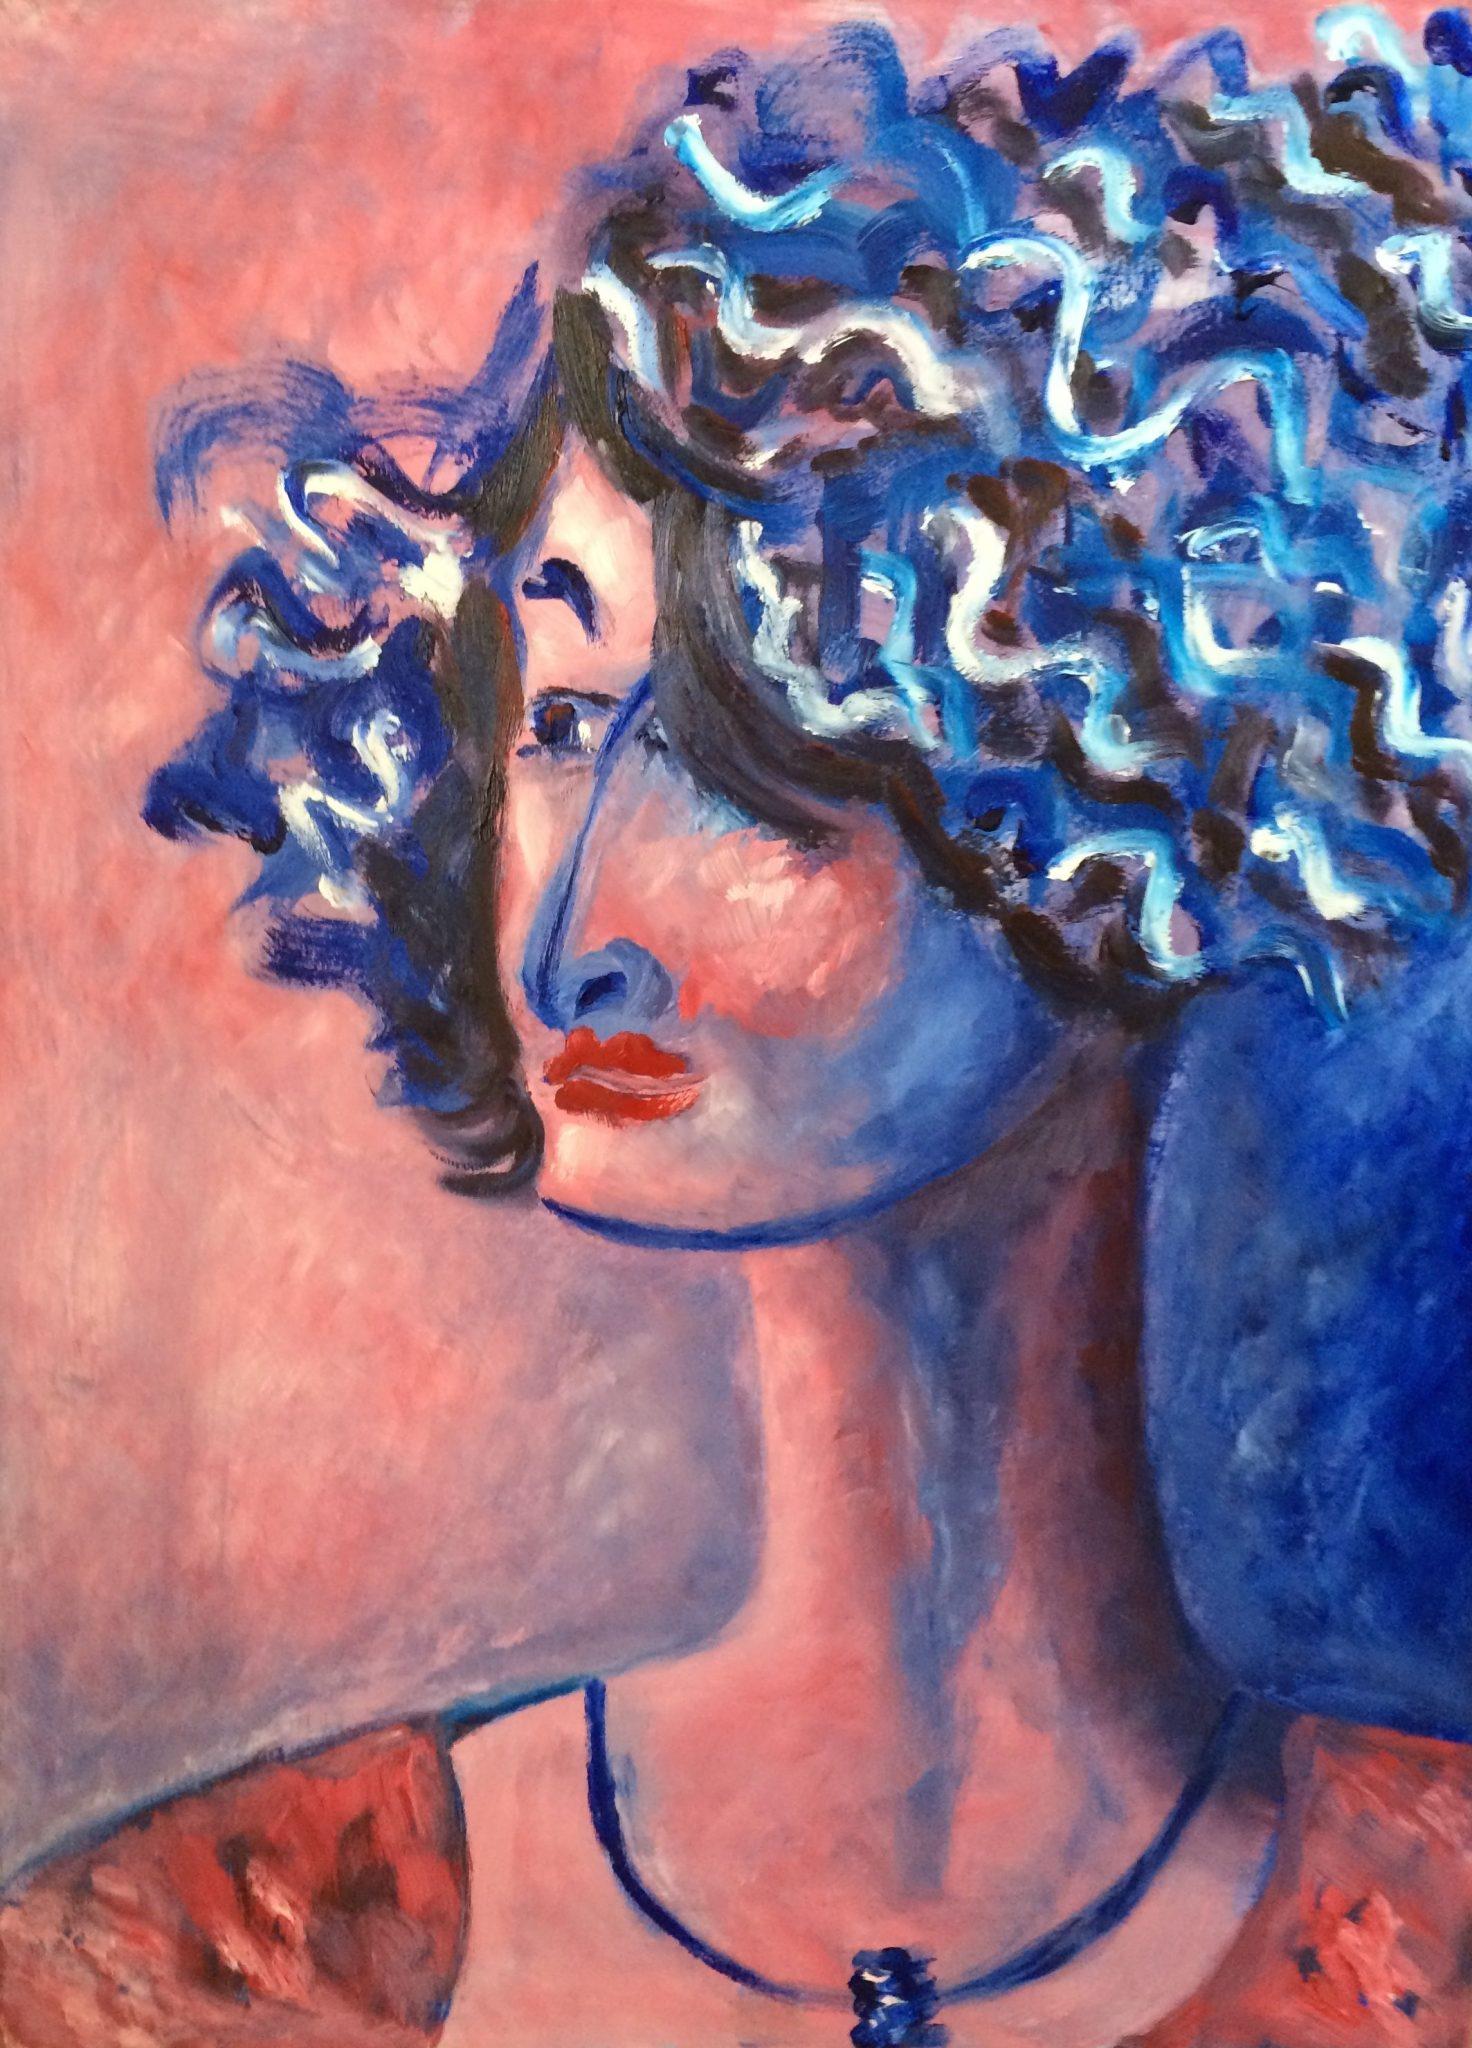 Irene on Pink painting | Olga Bakhtina